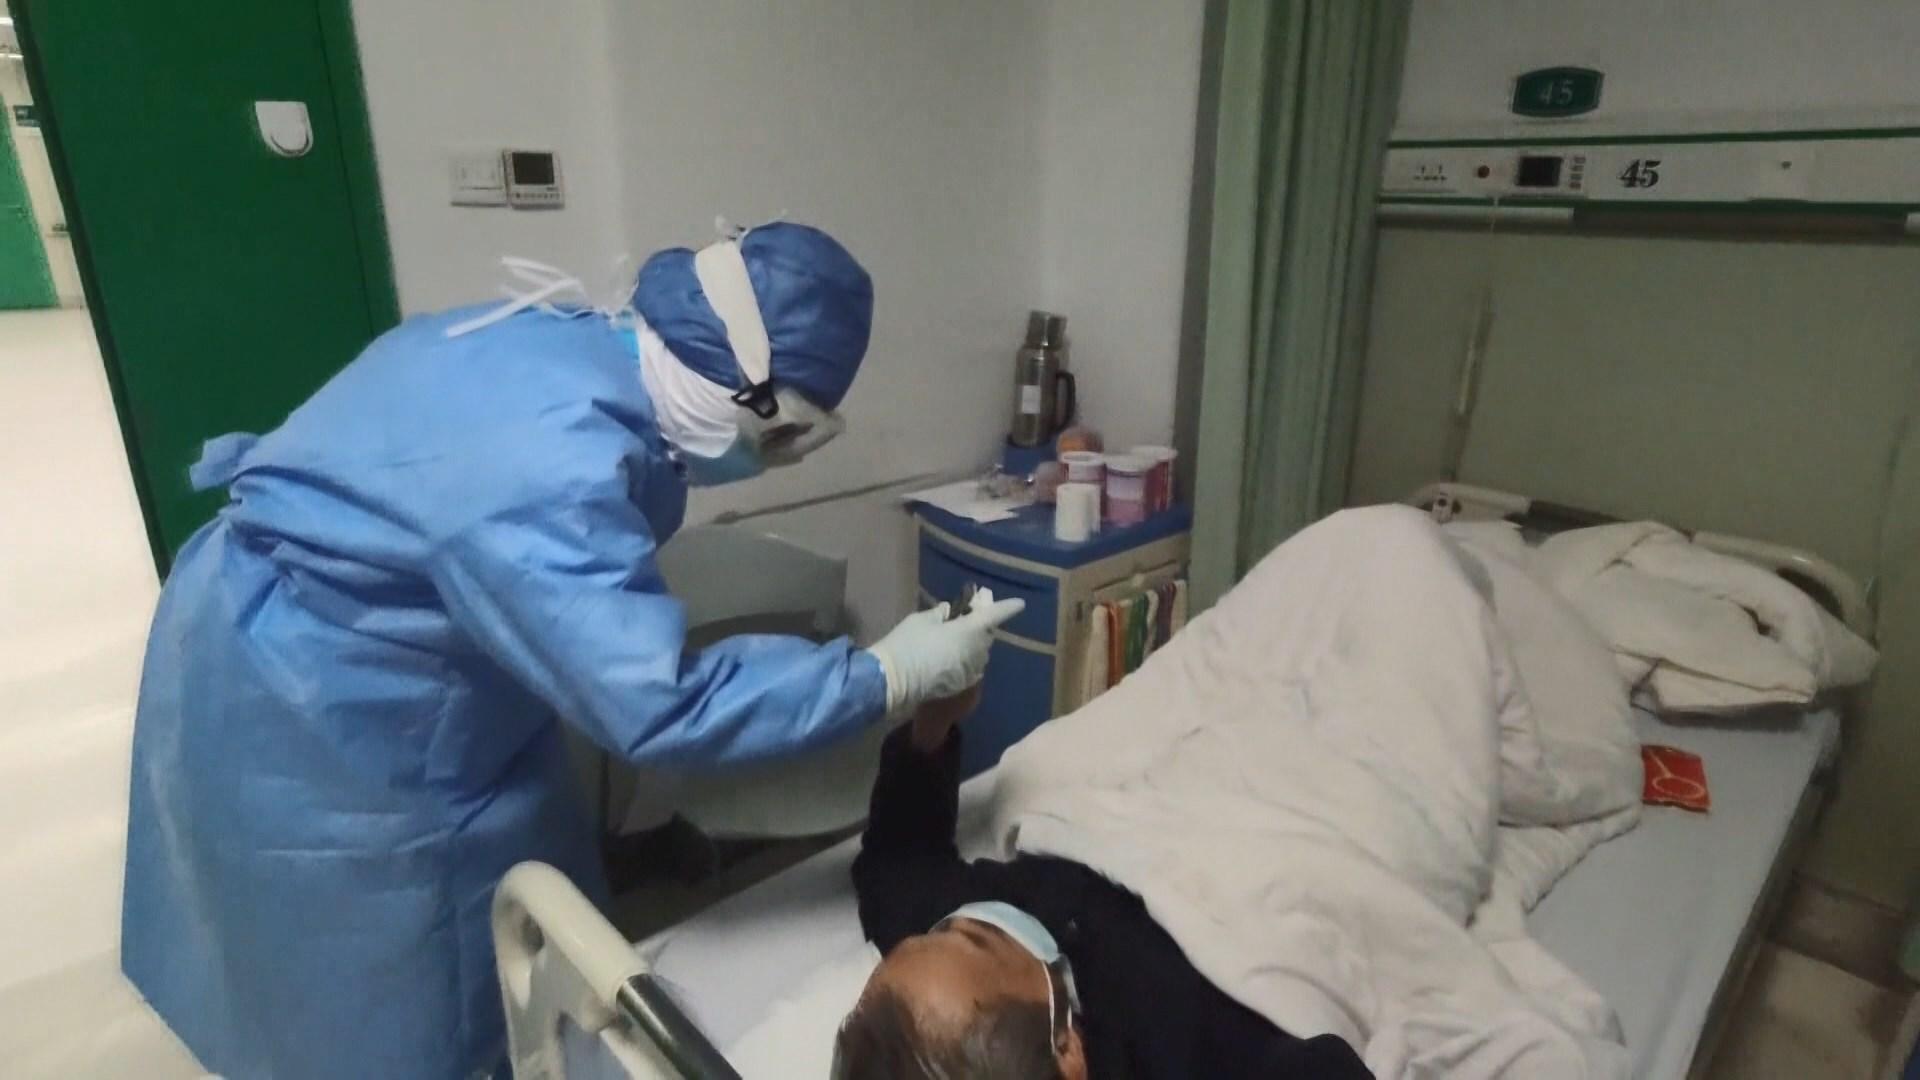 美國展開瑞德西韋臨床研究 治療新型肺炎患者